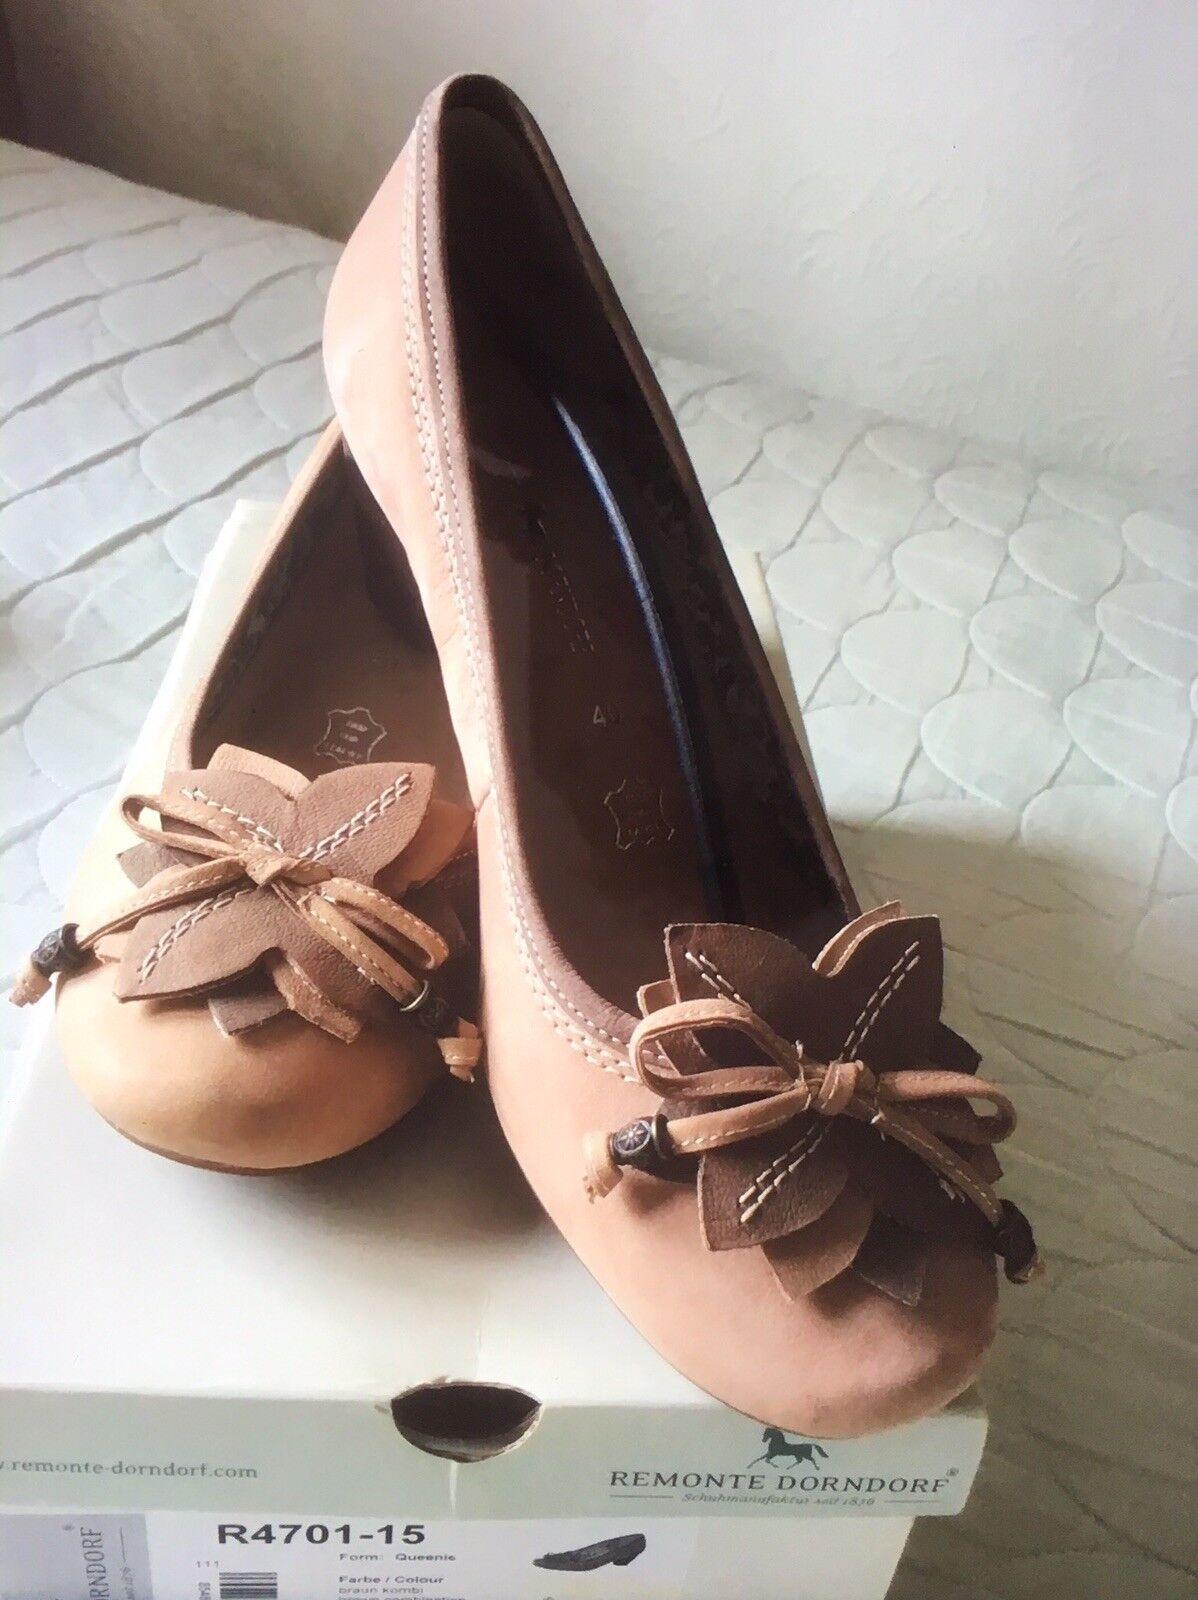 New Remonte Dorndorf Suede Court schuhe Mushroom Rosa With Embellishments Embellishments Embellishments 7 0d38fe